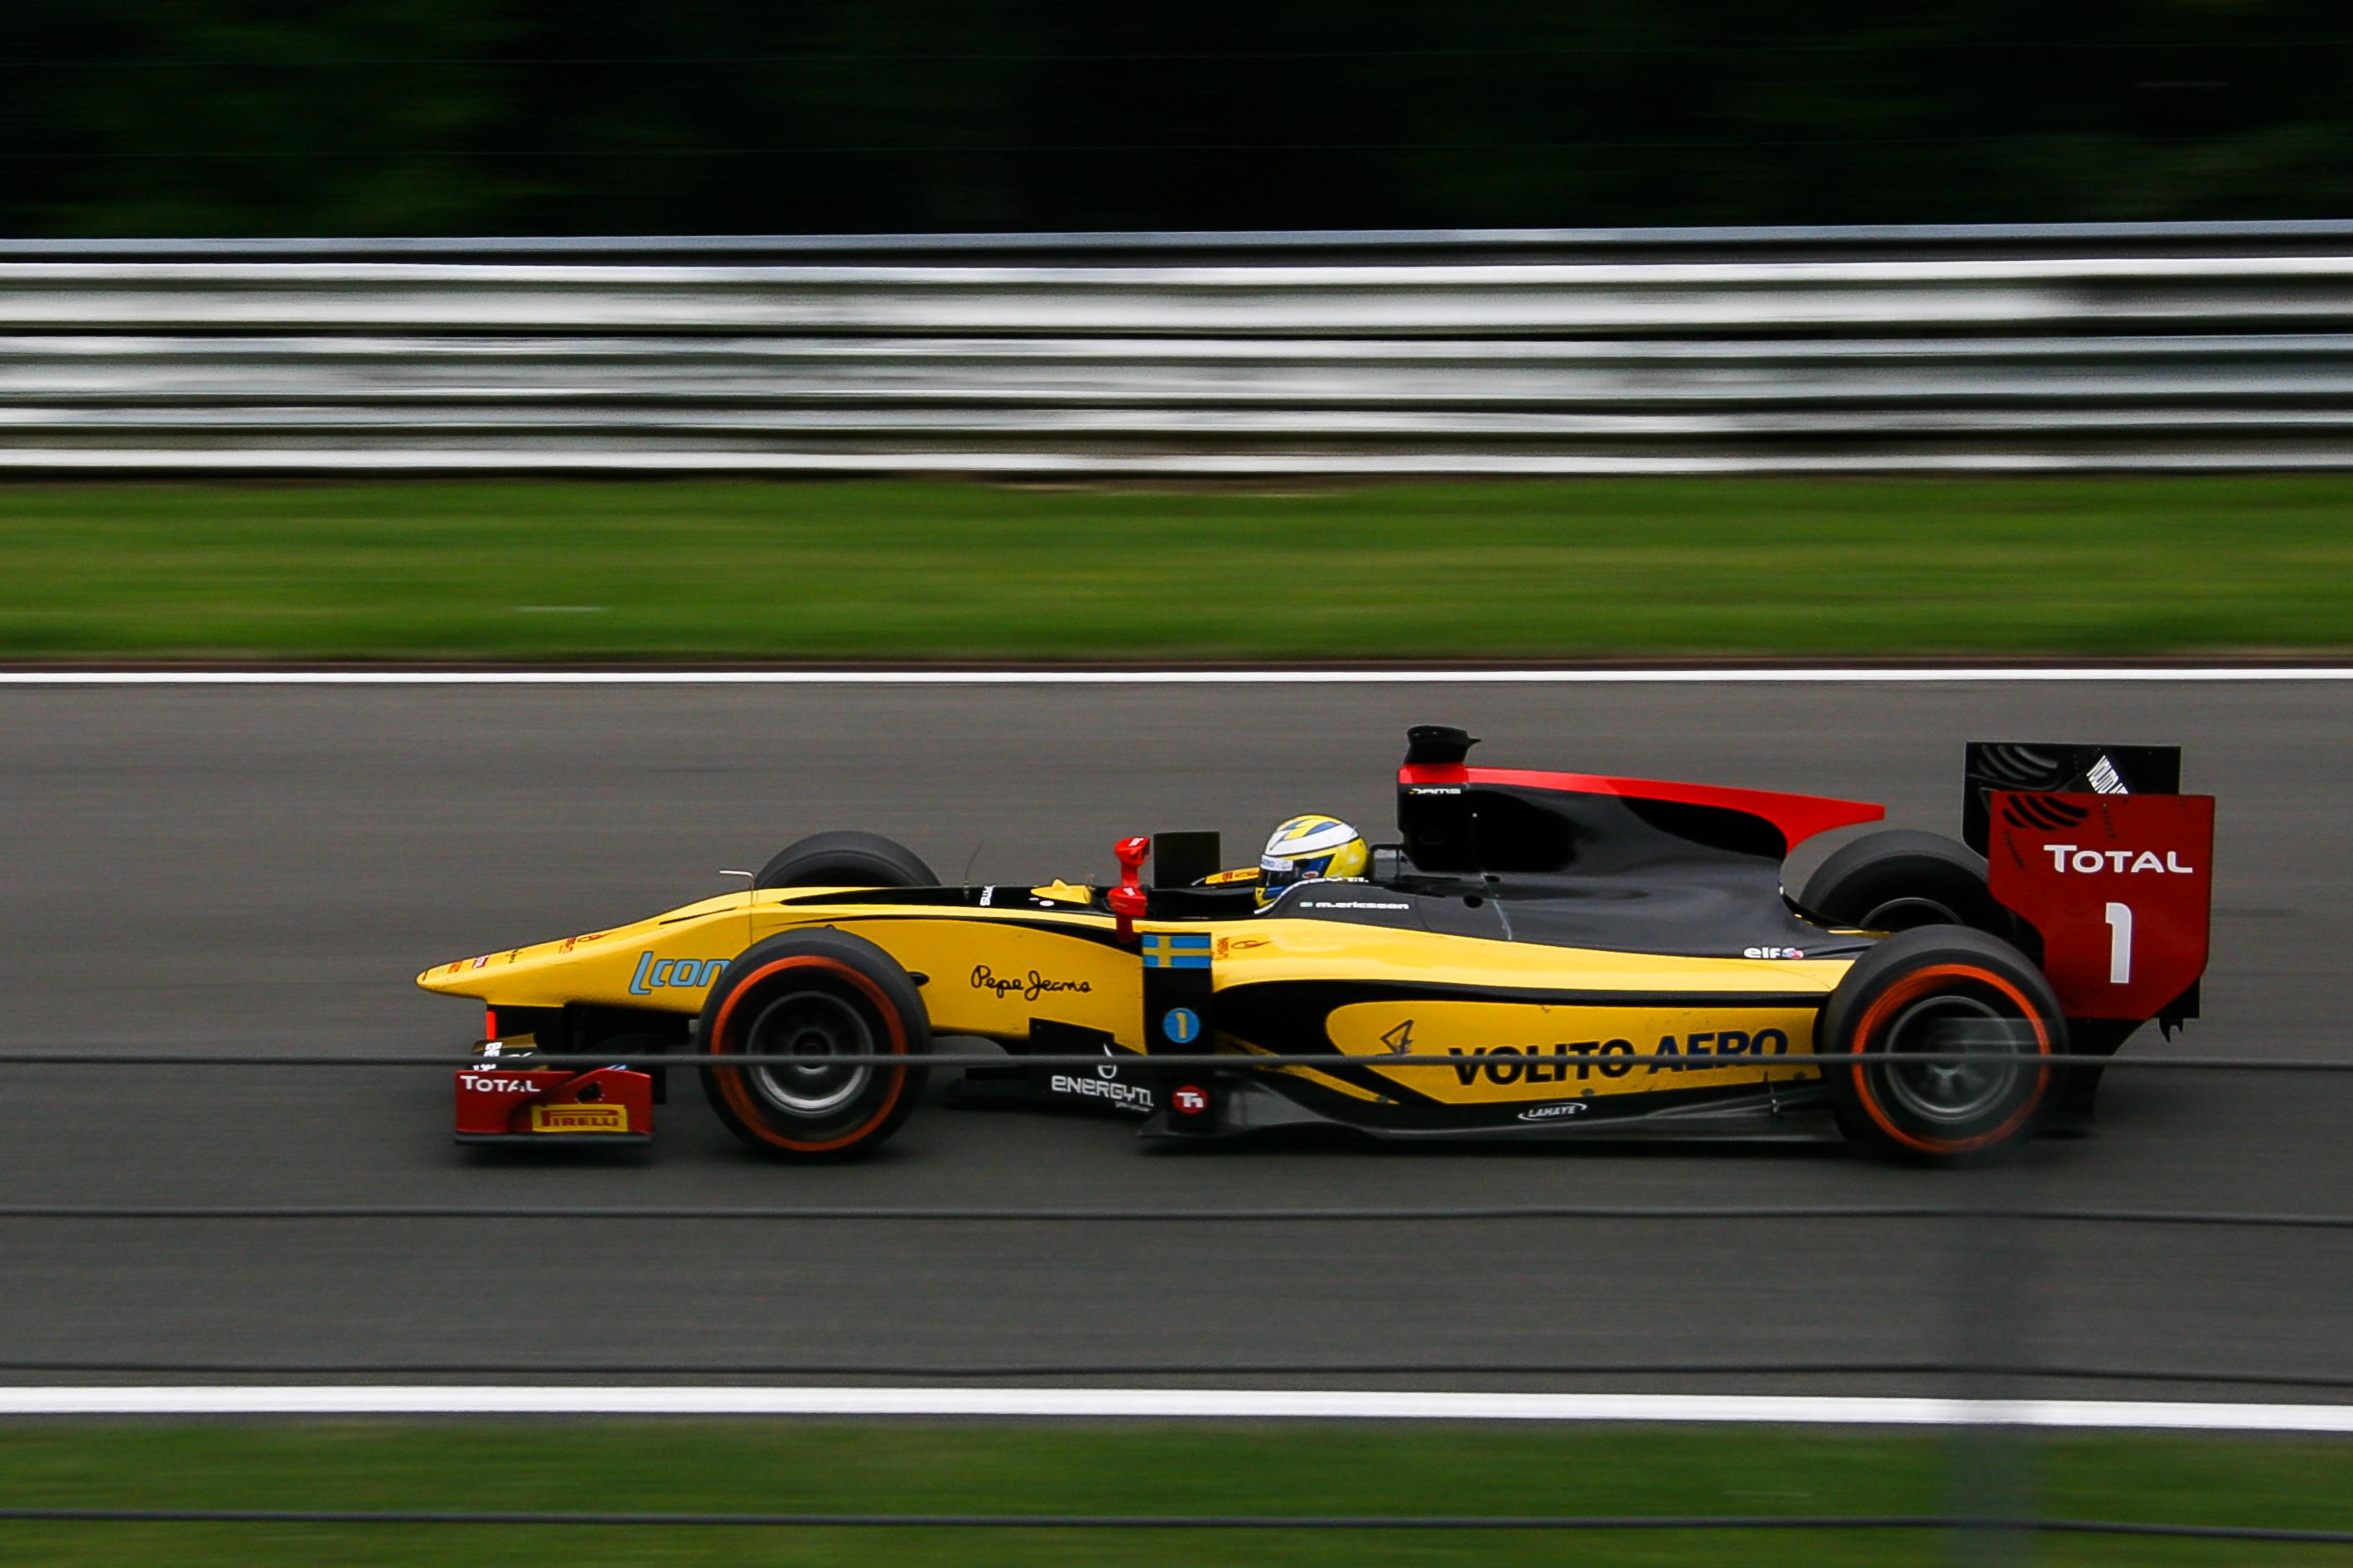 GP2-Belgium-2013-Feature_Race-Marcus_Ericsson